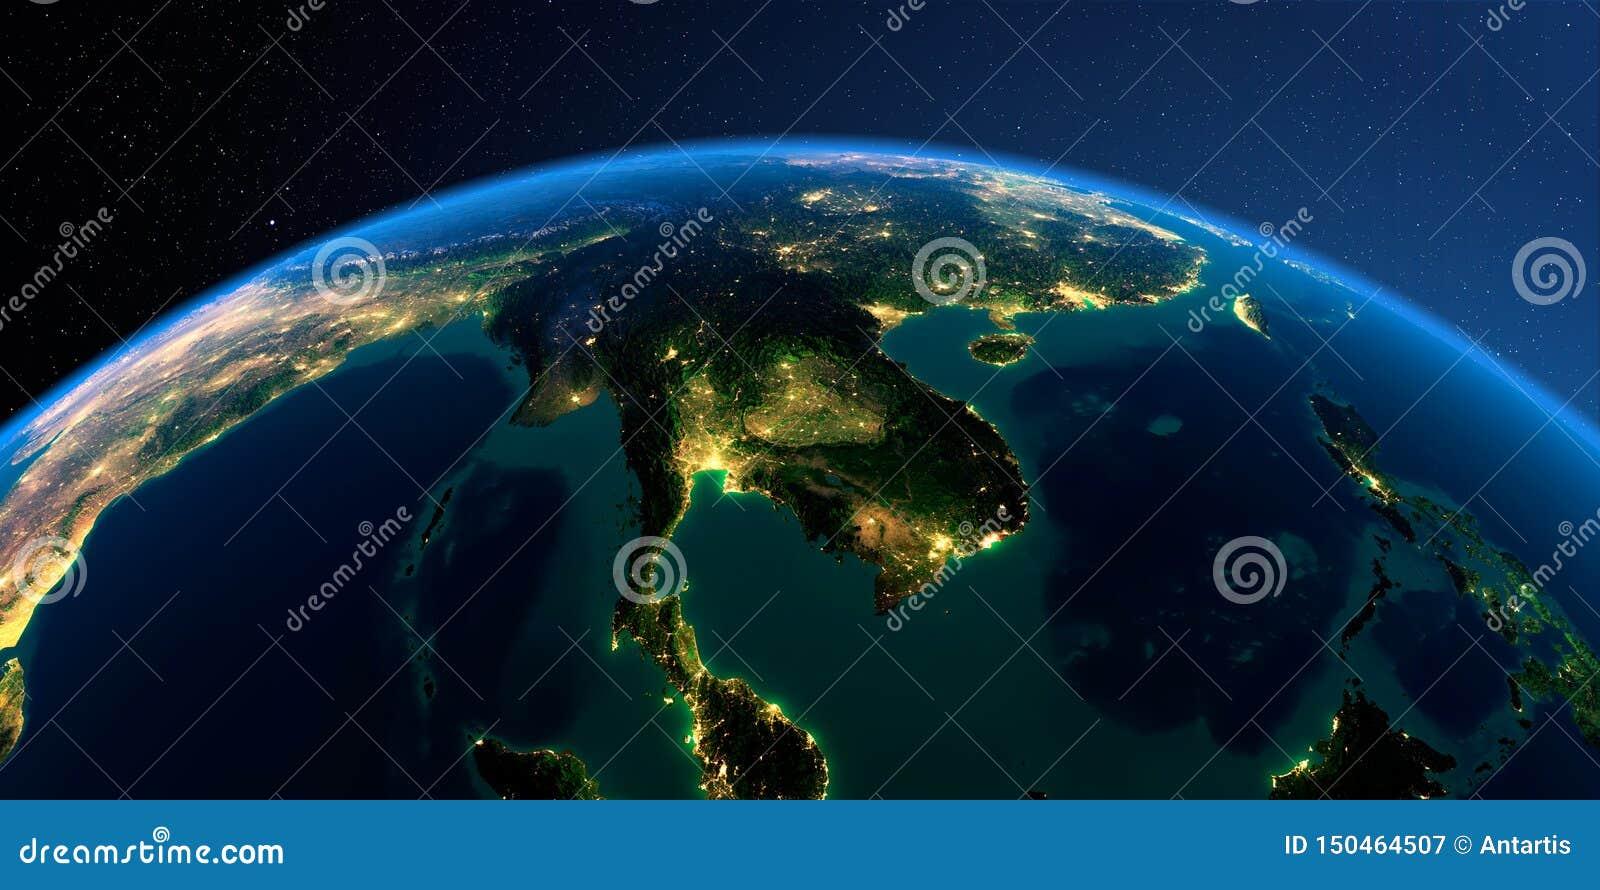 Tierra detallada Pen?nsula de Indochina en una noche iluminada por la luna